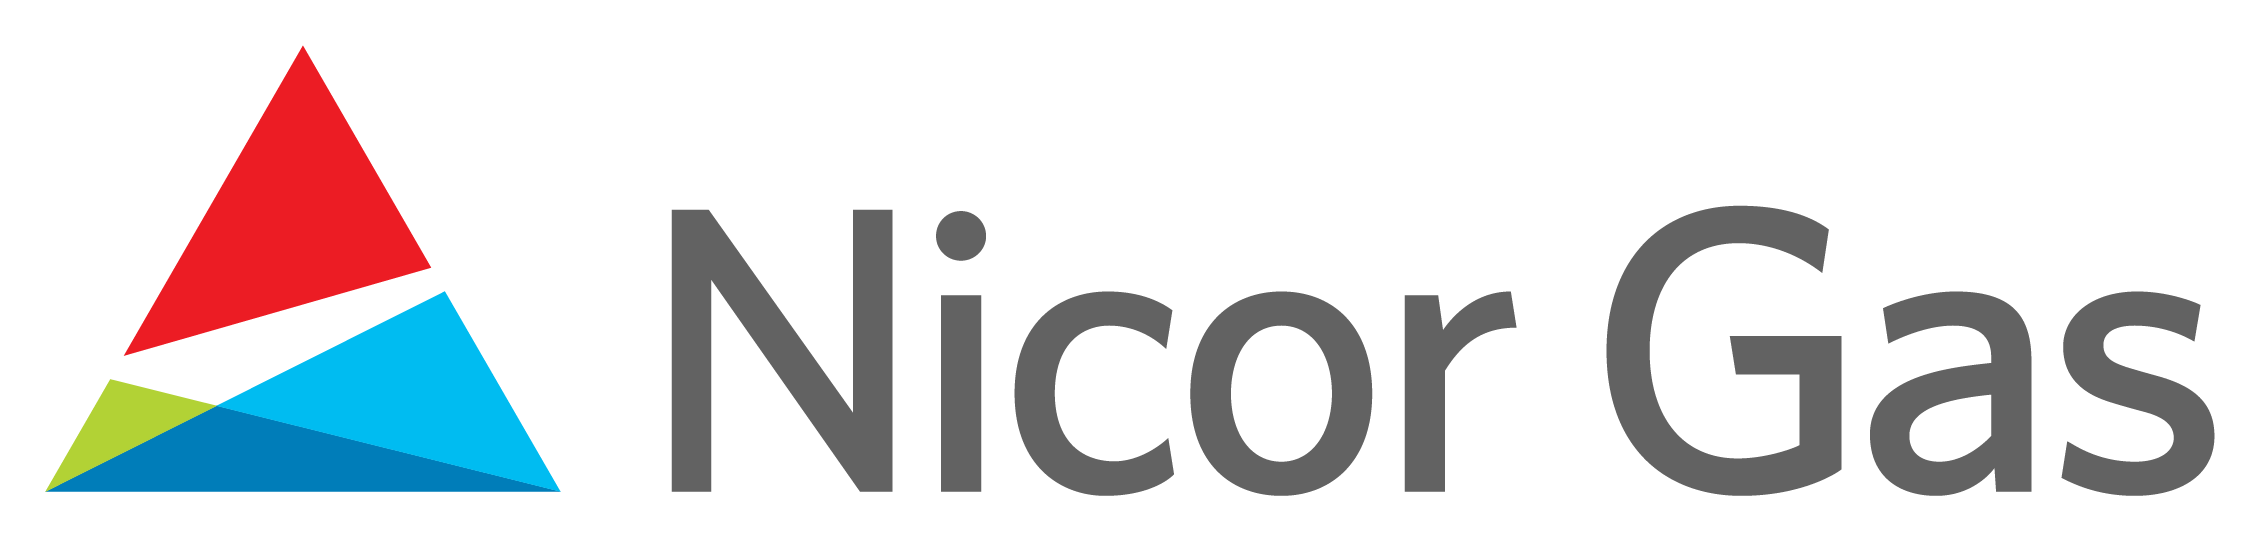 Nicor Gas Slide Image